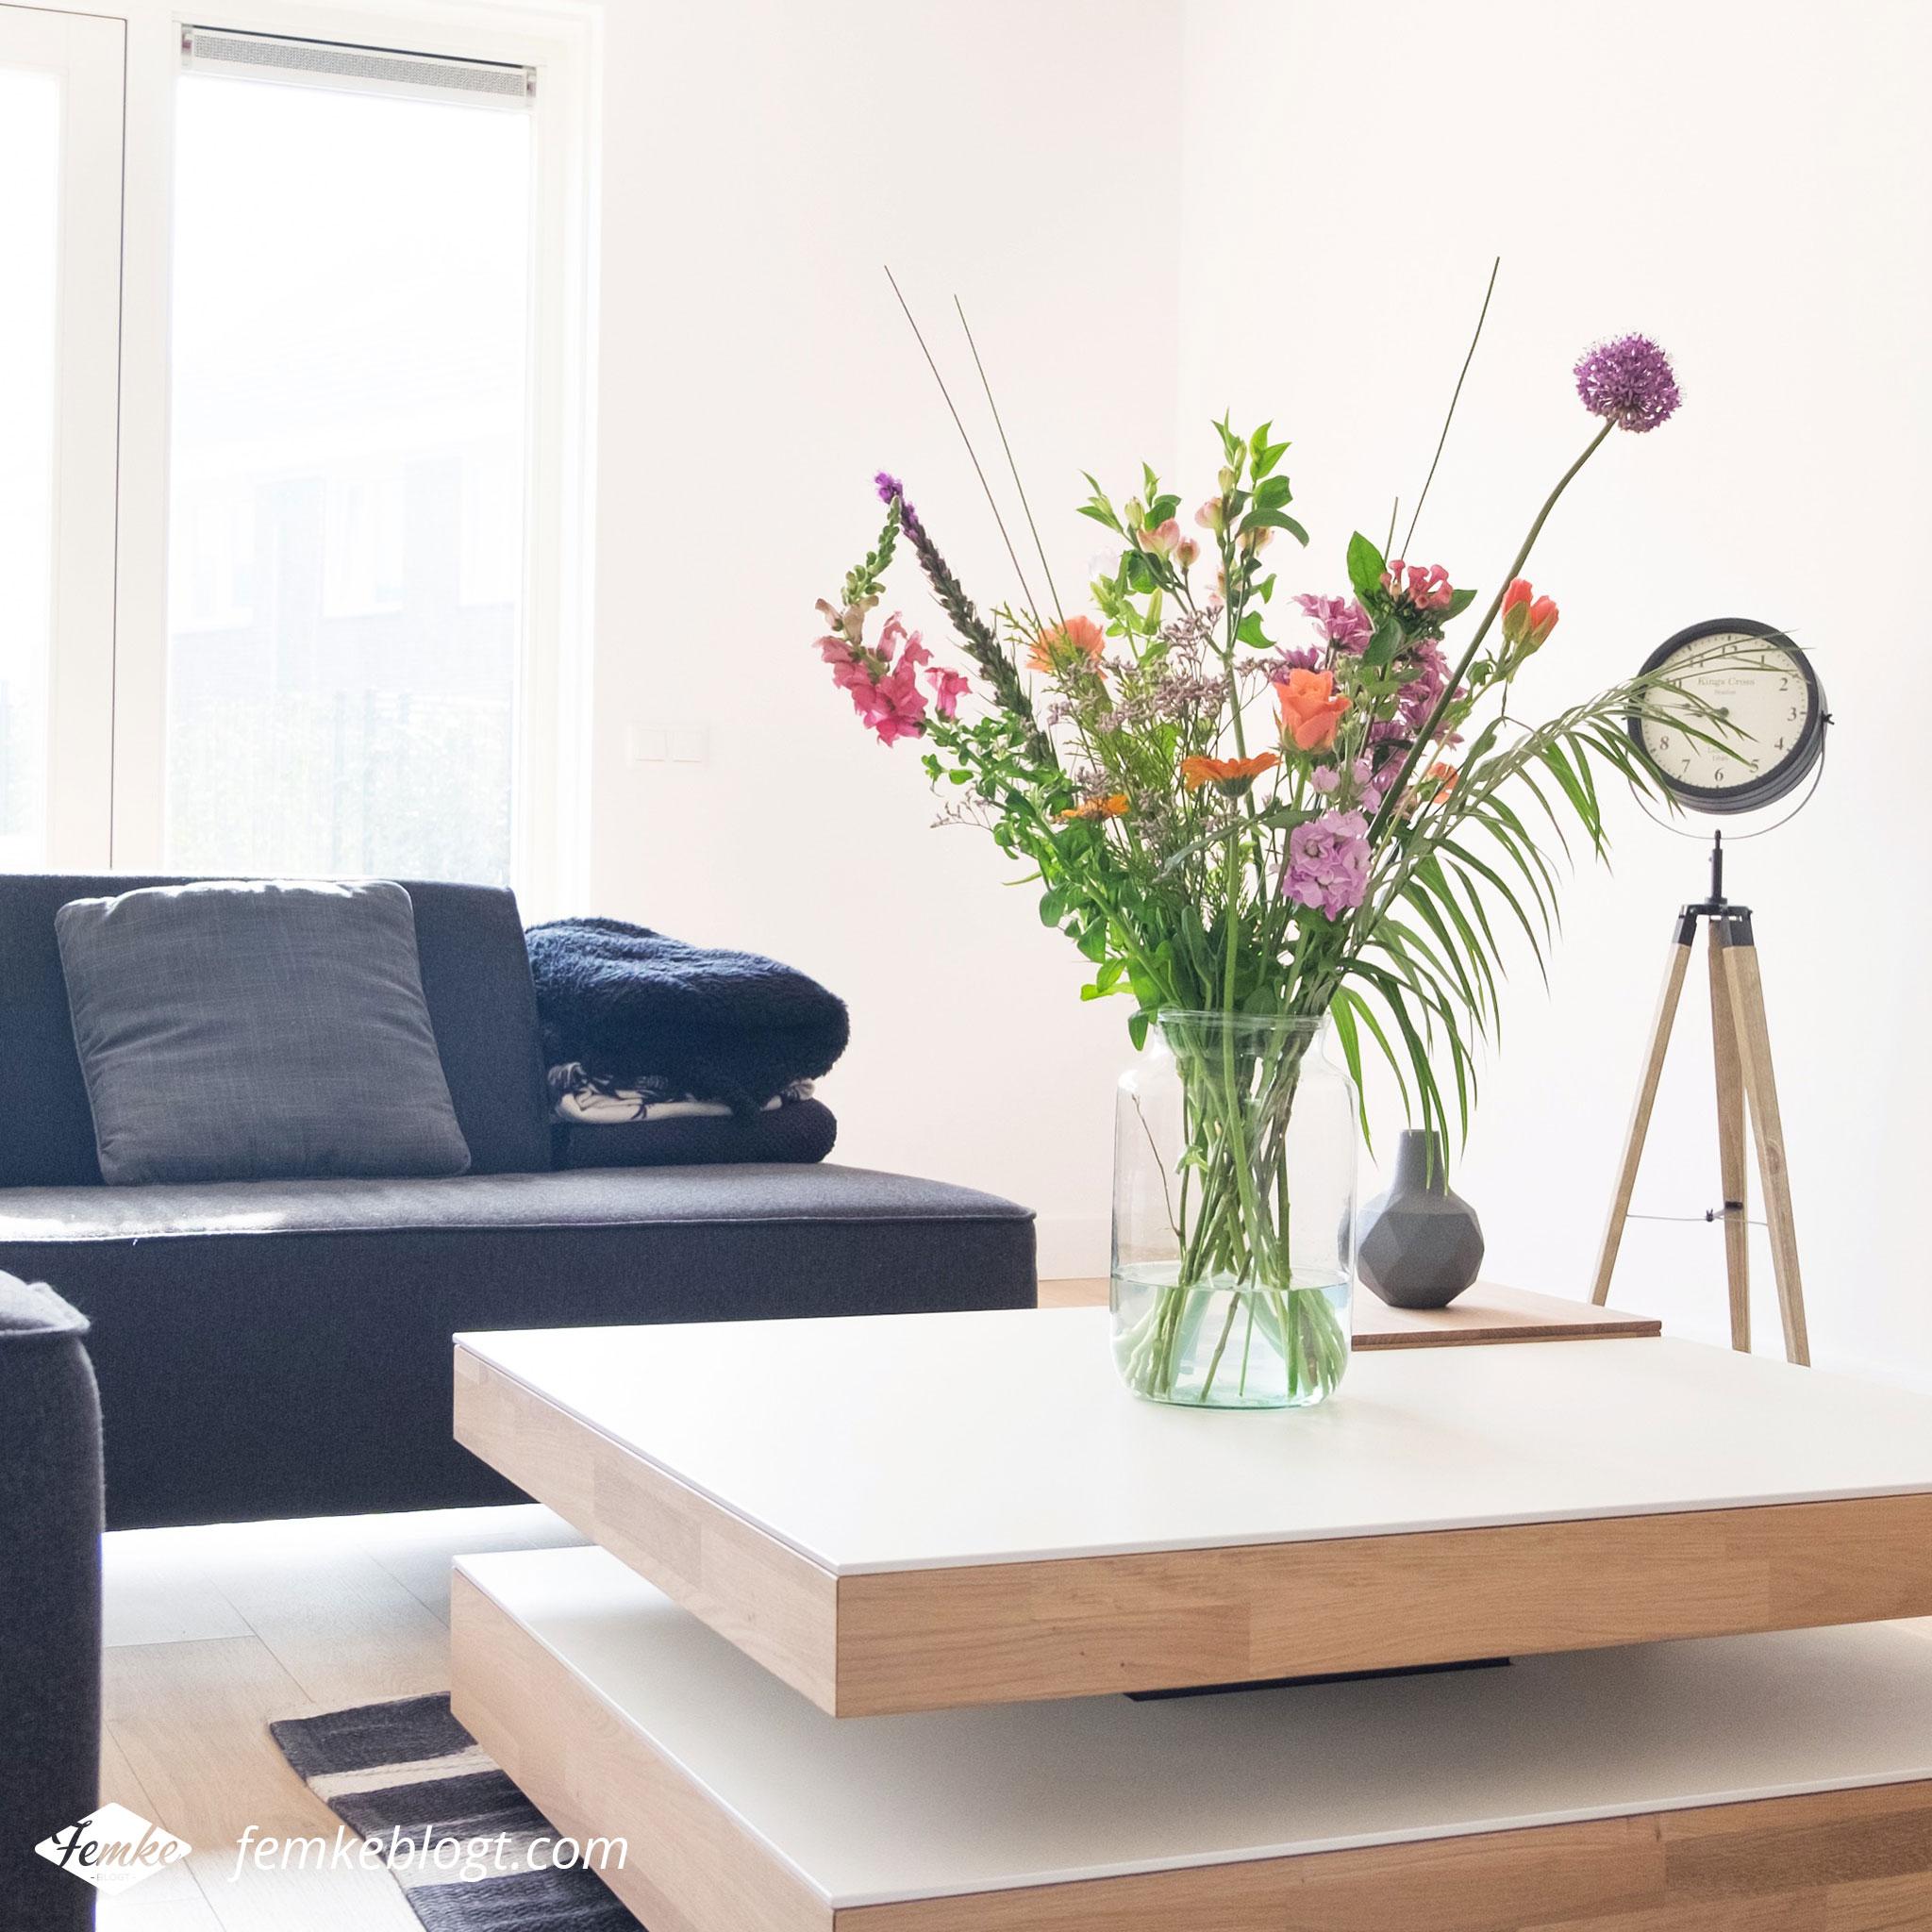 Maandoverzicht april | Bloomon bloemen